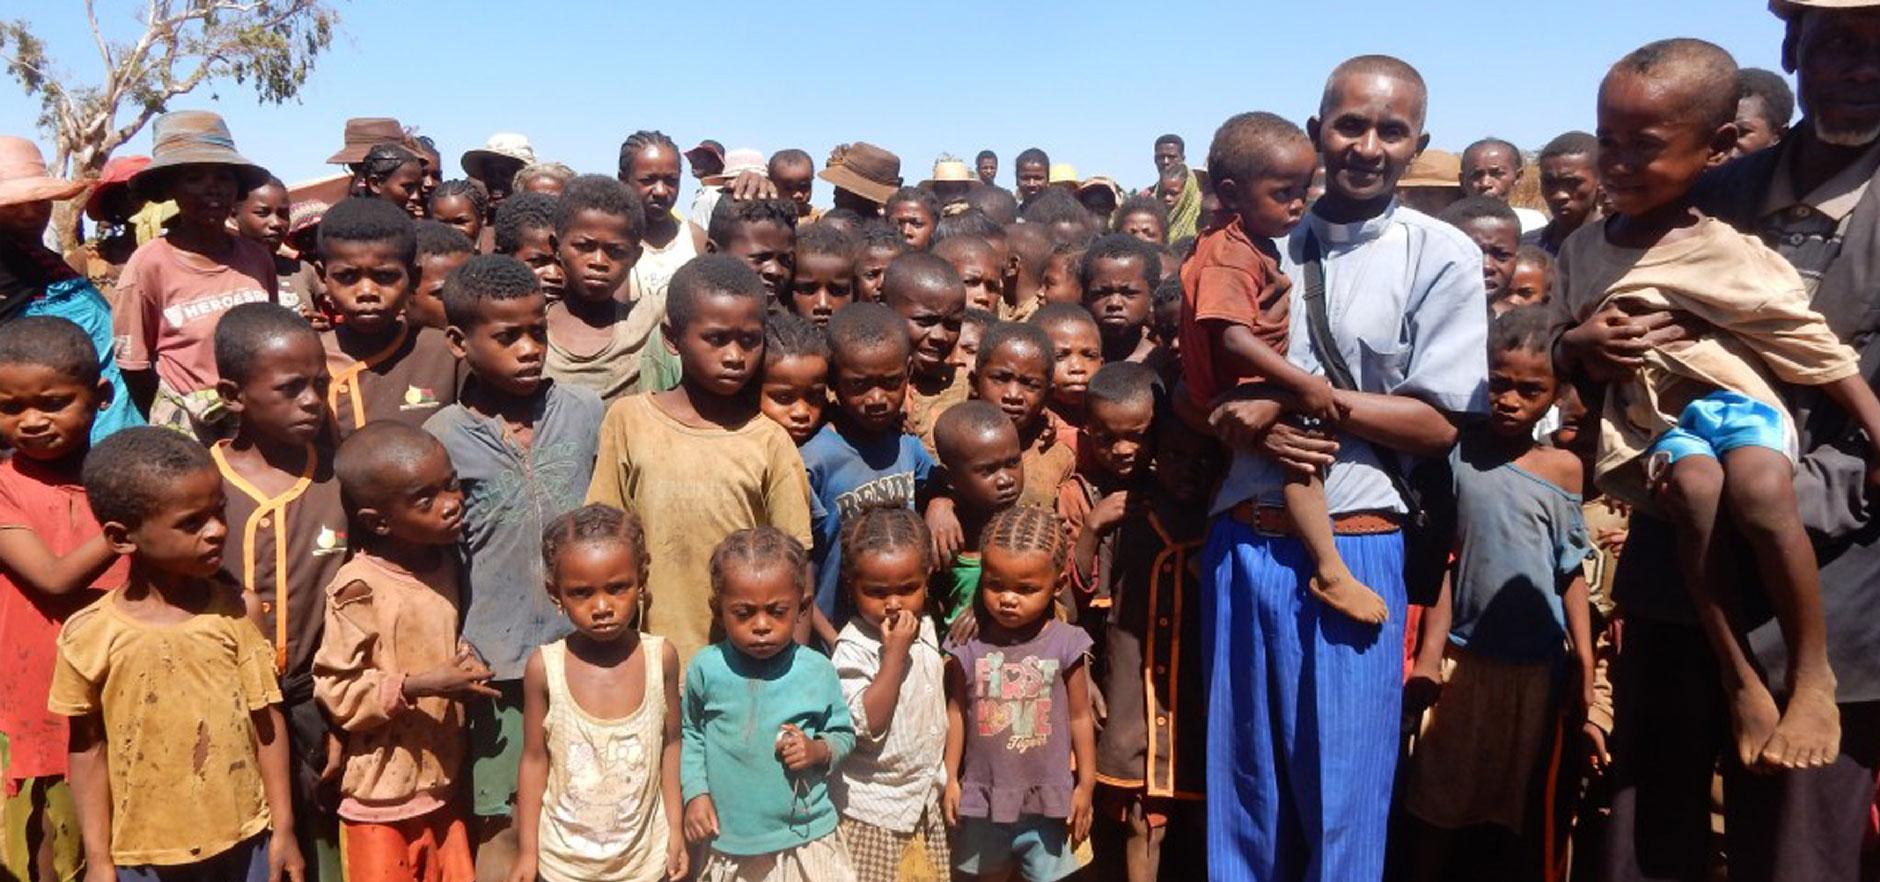 Children gathering to hear God's Word spoken in their language.